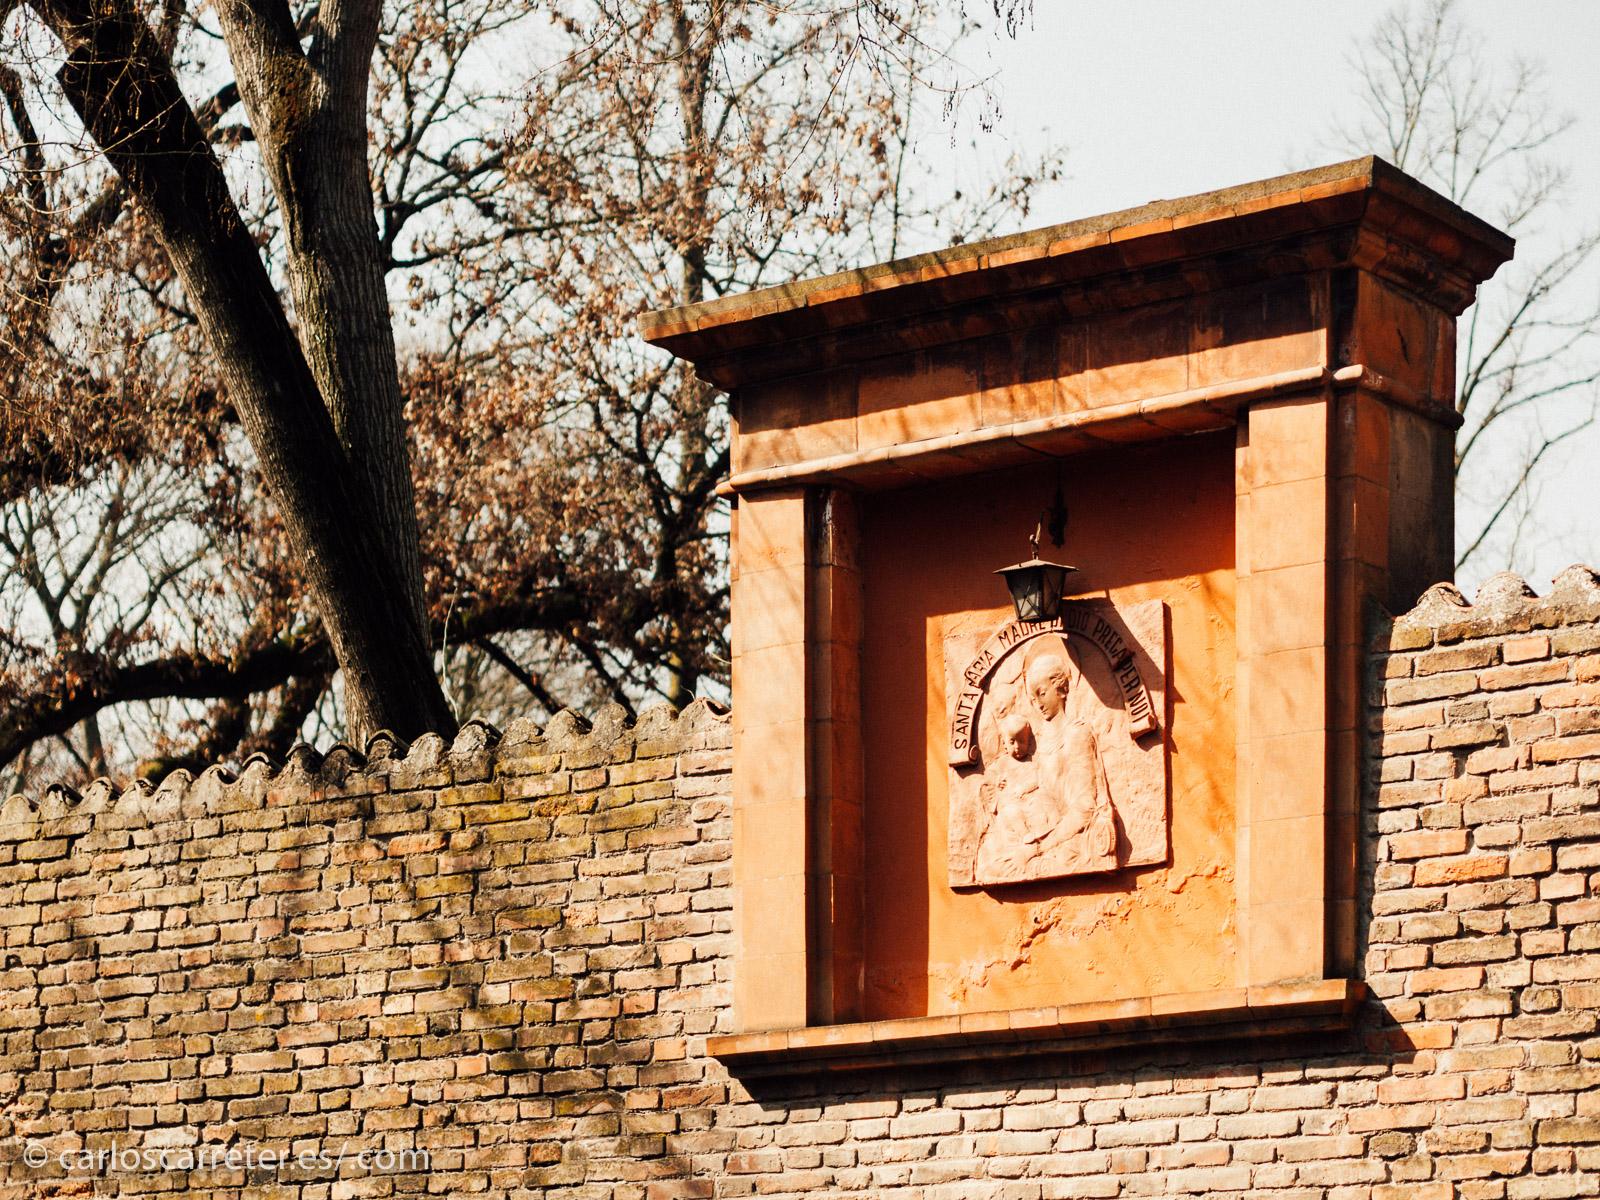 """Y el suegro de Lucrezia, el duque Èrcole I d'Este, tiene dedicado un corso, una de las calles más bellas de la ciudad. Por cierto, que Ferrara es también el lugar donde transcurre otra novela que me gusta mucho, """"El jardín de los Finzi-Contini"""" de Giorgio Bassani."""